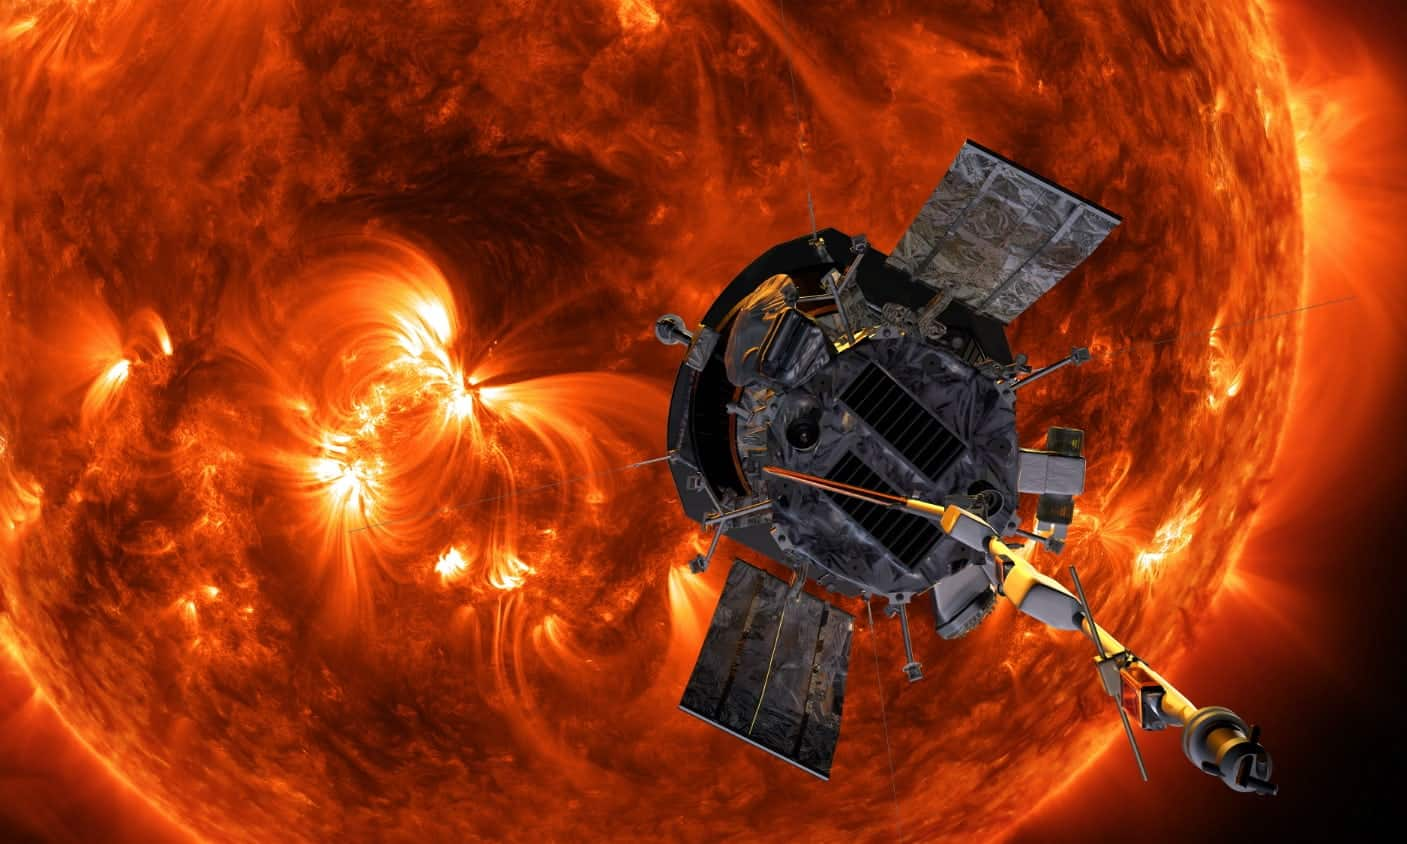 NASA Parker Solar Probe Delta IV Heavy rocket Cape Canaveral